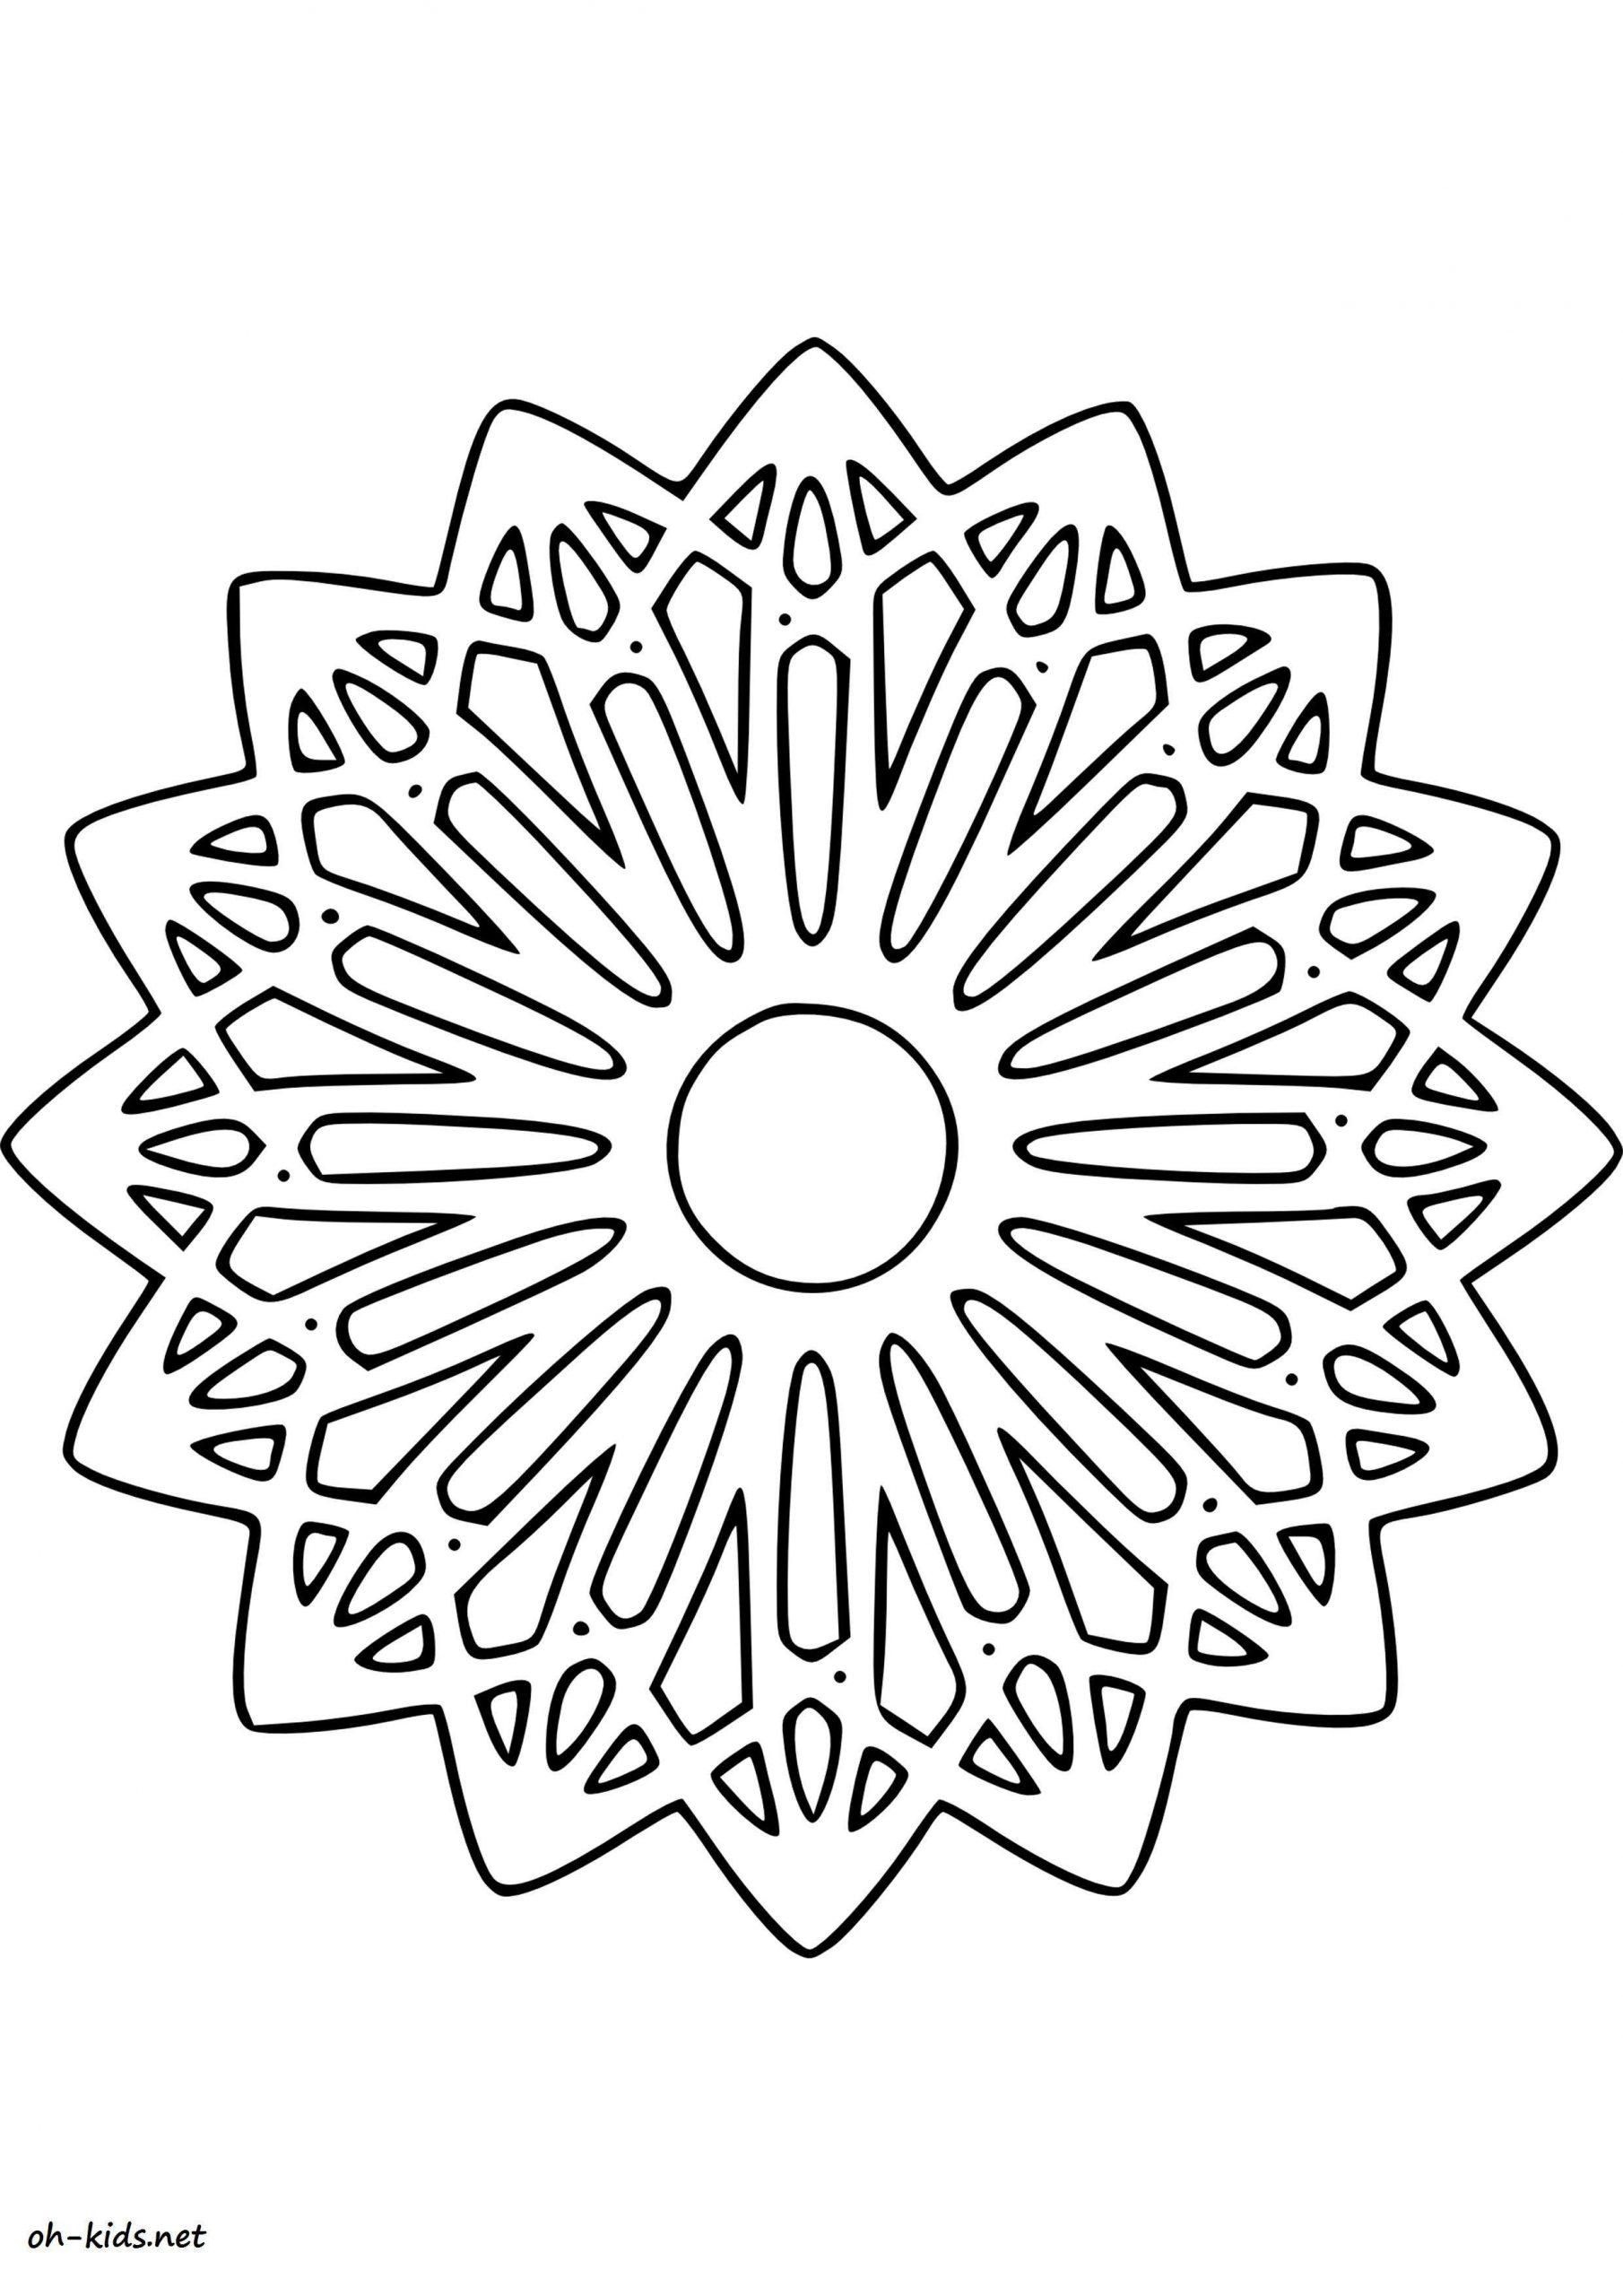 Dessin #1176 - Coloriage Rosace À Imprimer - Oh-Kids intérieur Rosace A Imprimer